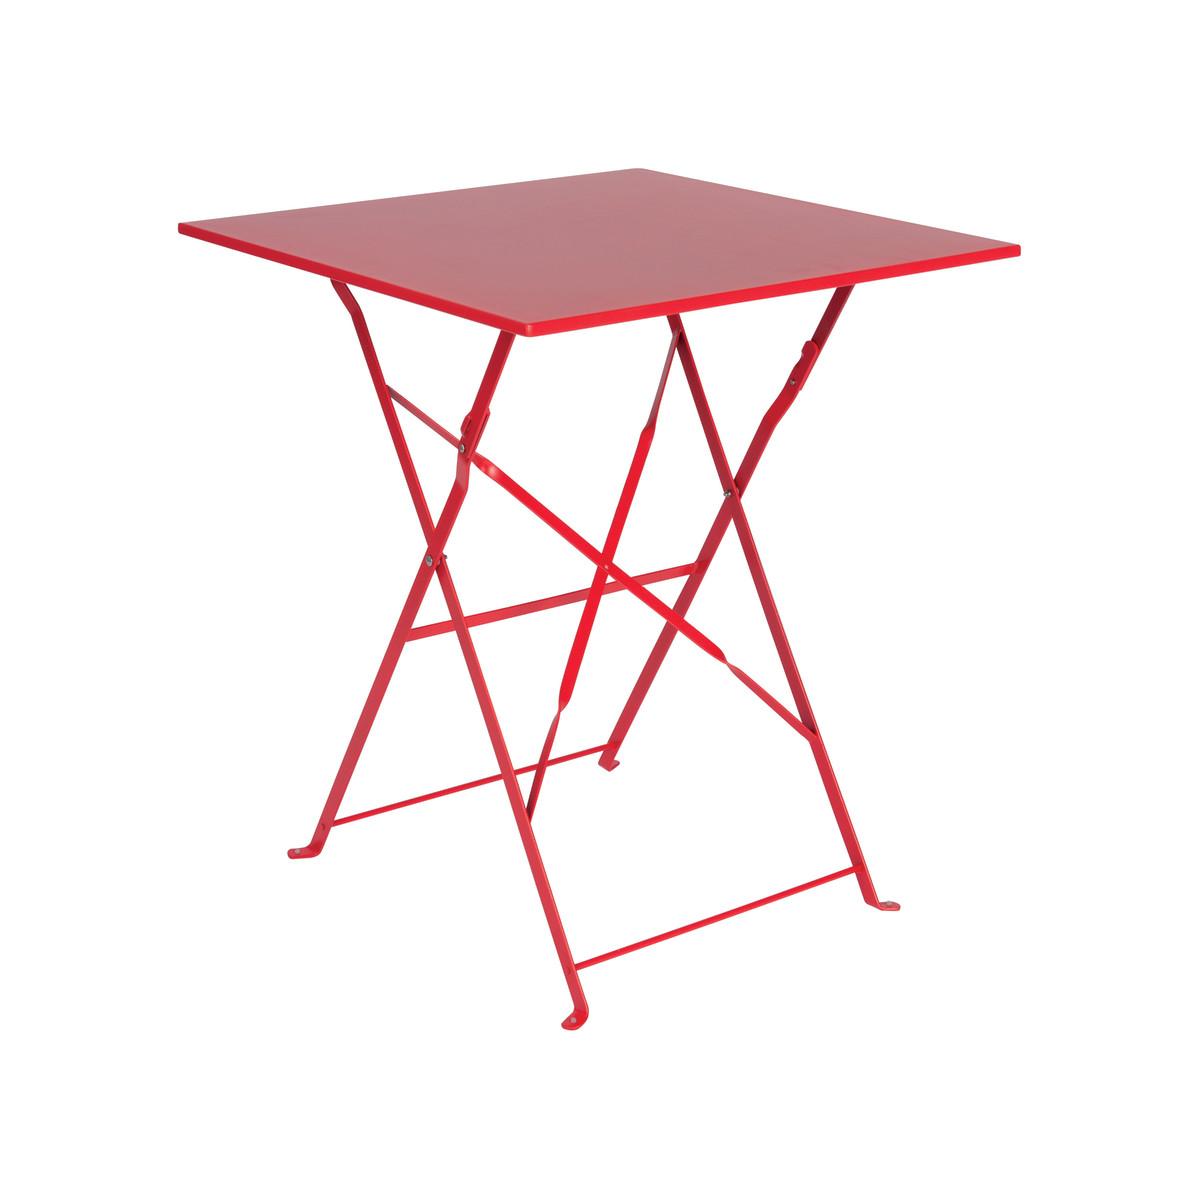 Tavolo pieghevole rosso prezzi e offerte online - Tavolo pieghevole leroy merlin ...